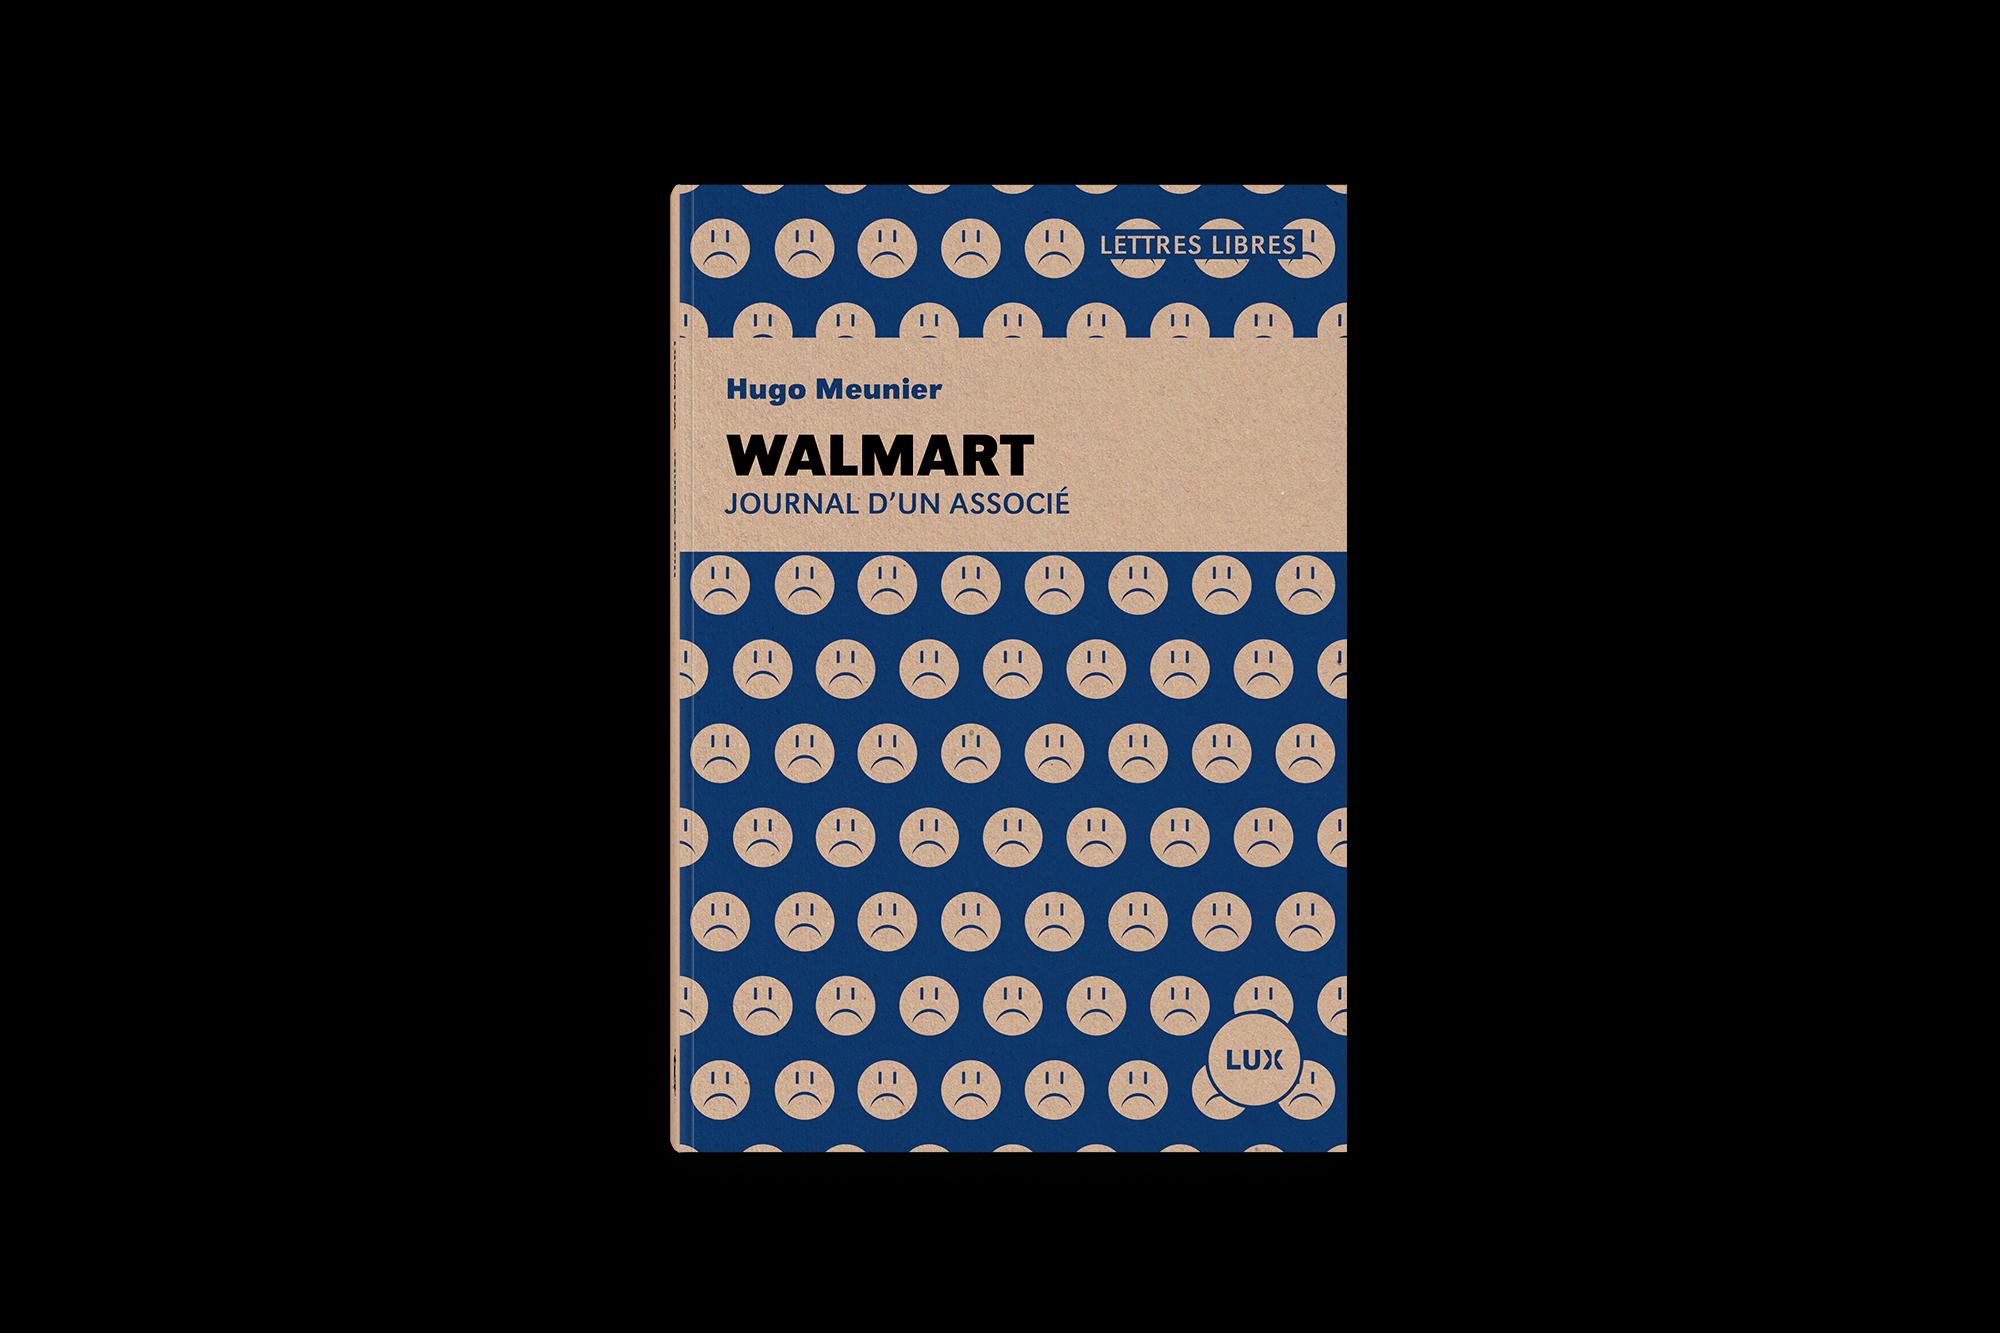 Lettres-libres-mockup-Walmart